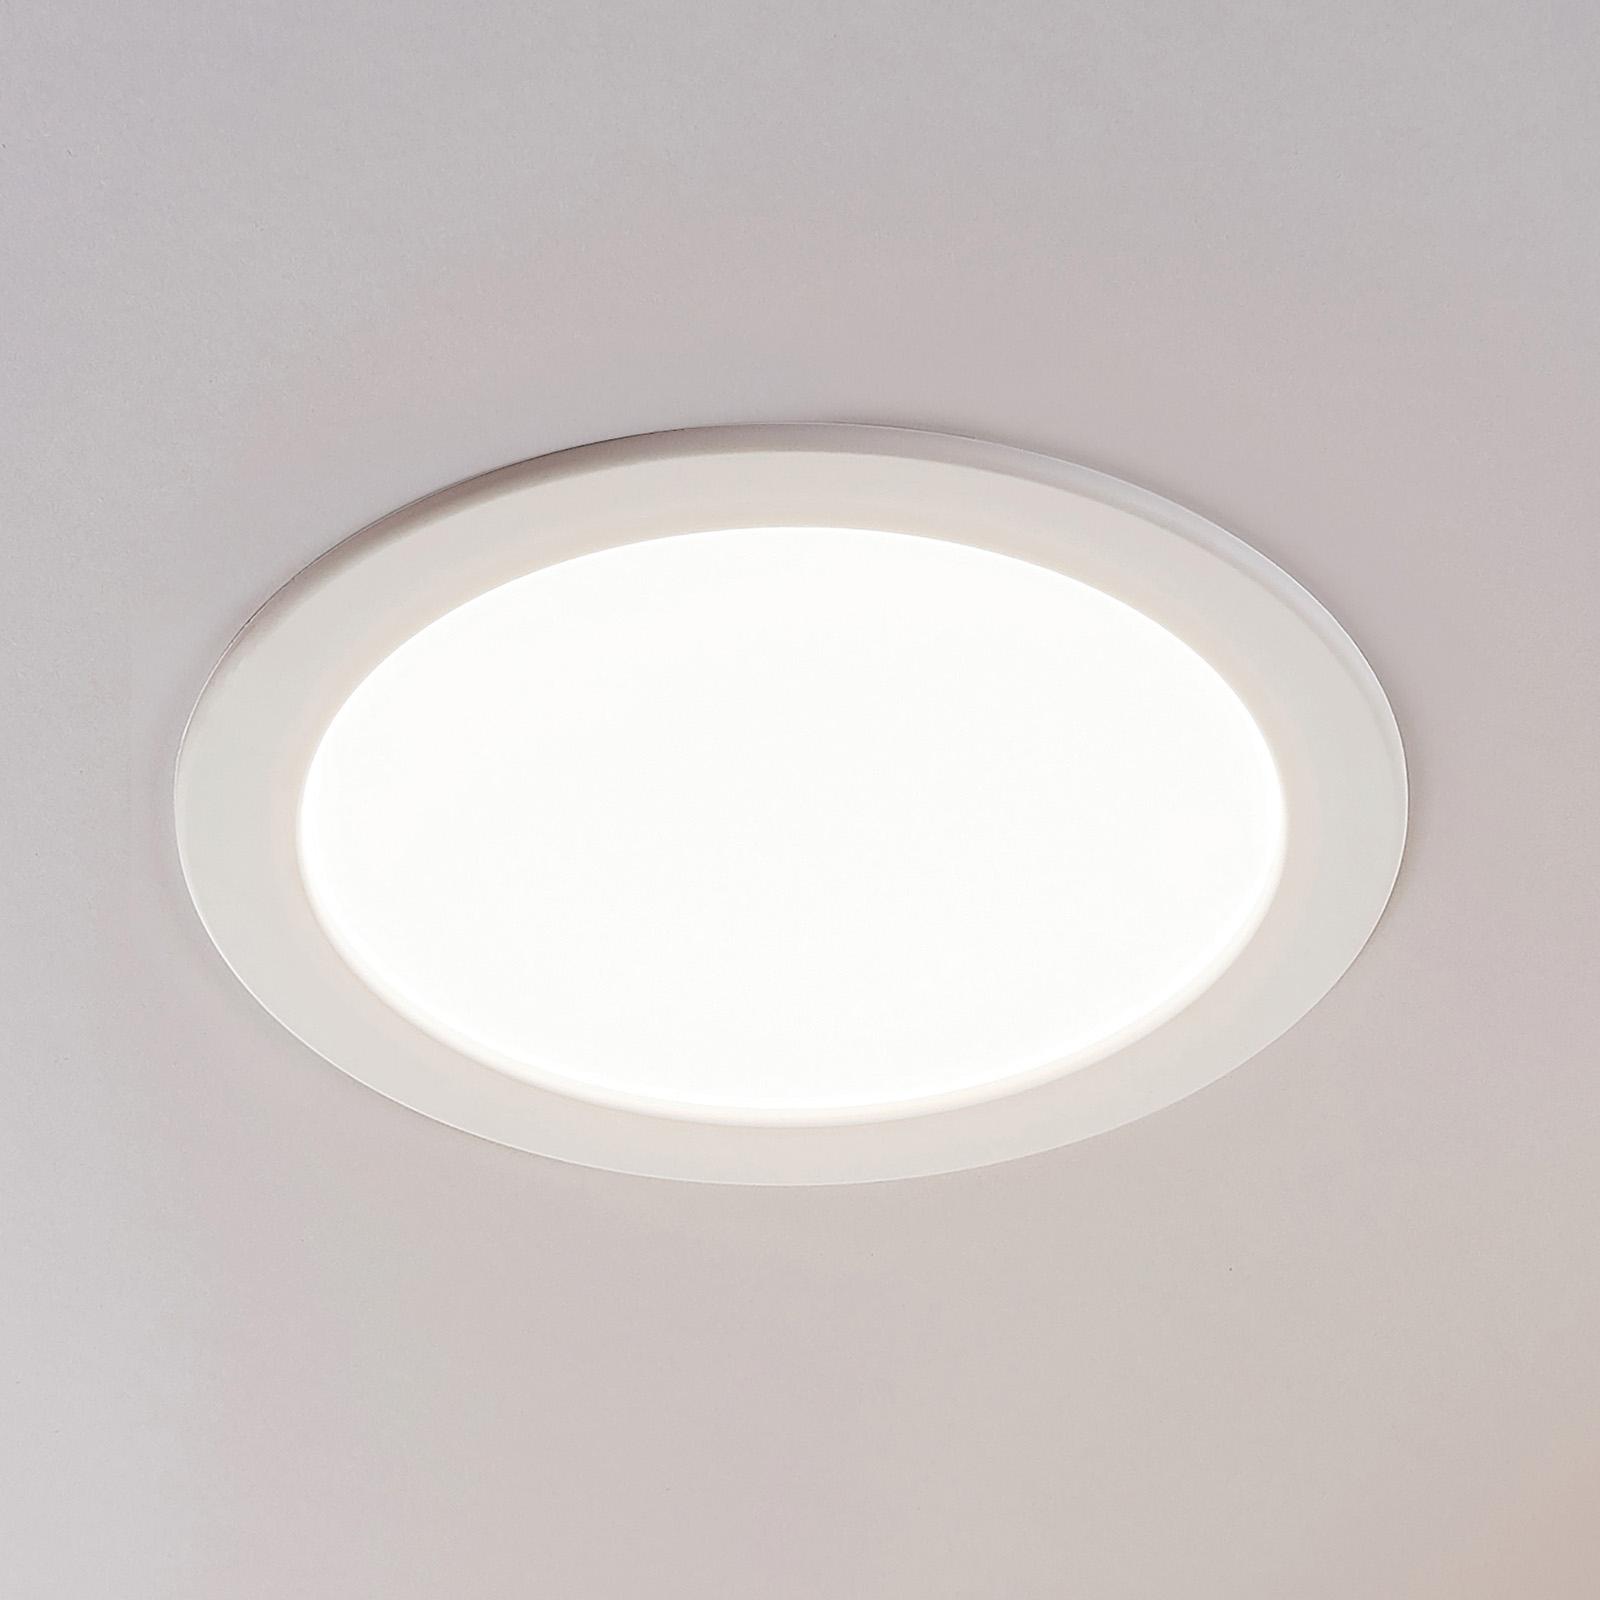 Spot LED Joki biały 3000K okrągły 24cm